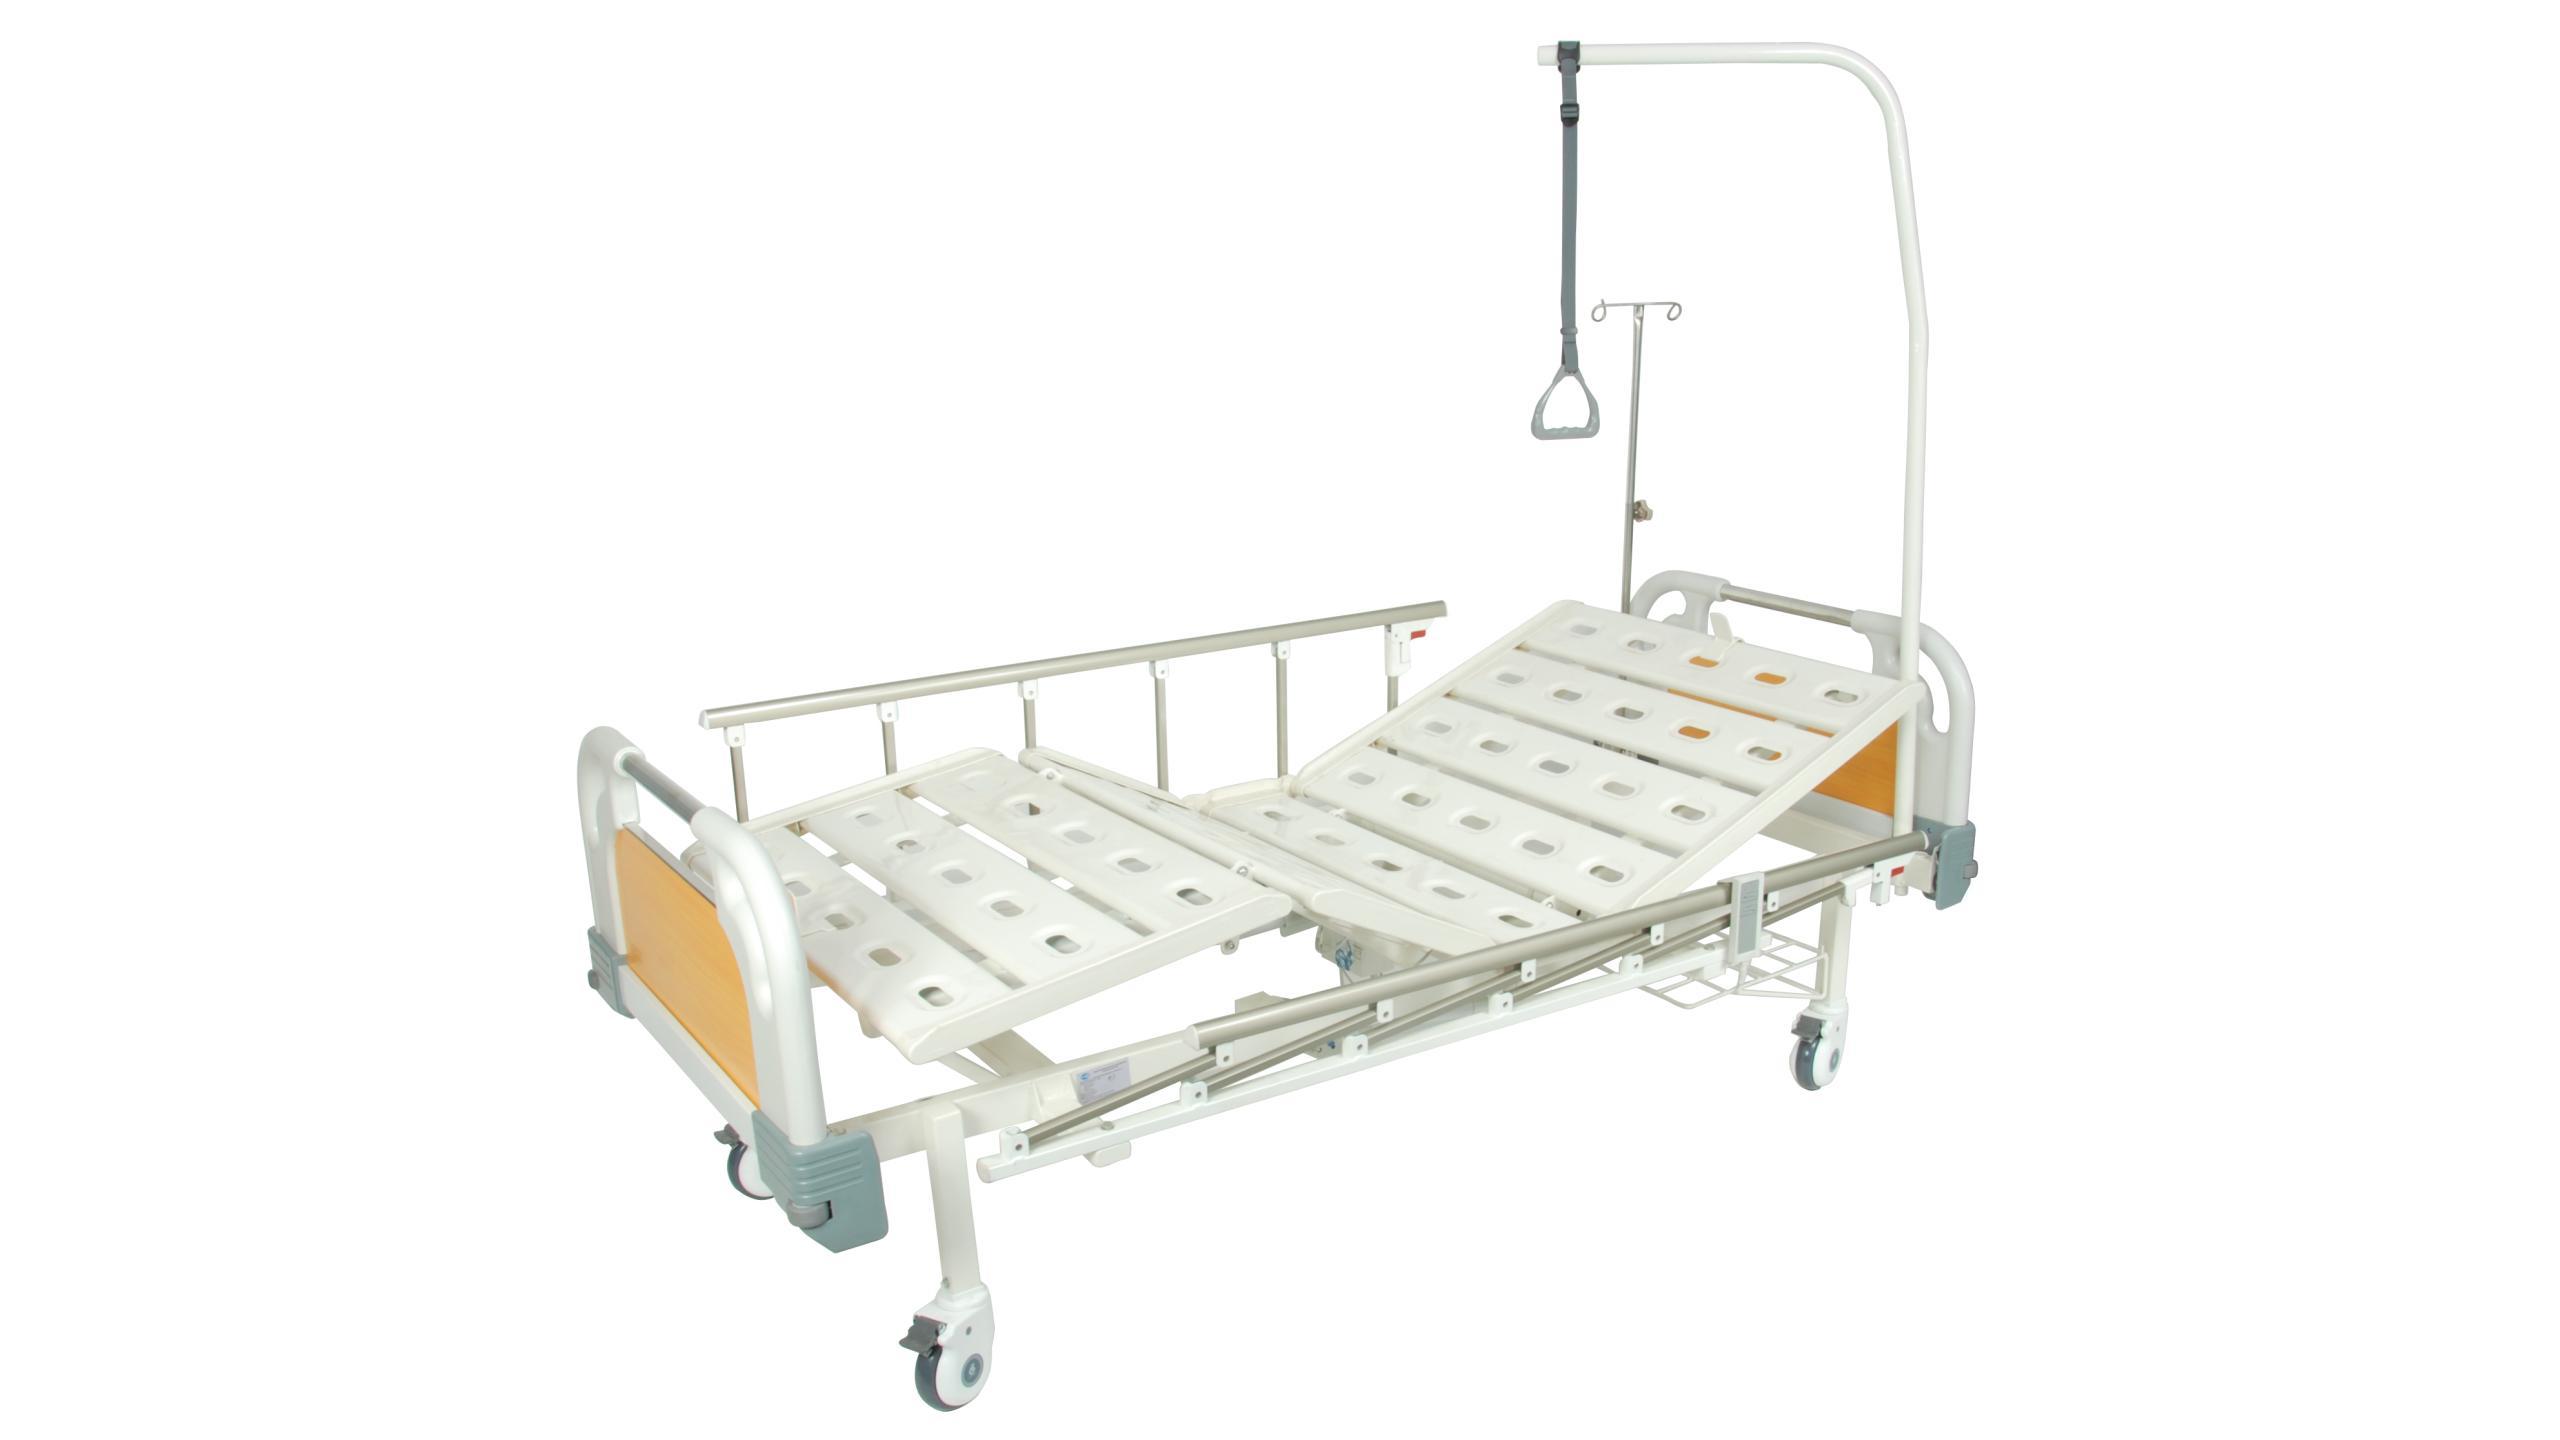 Как выглядит уход за лежачим больным? Почему ему необходима медицинская кровать?